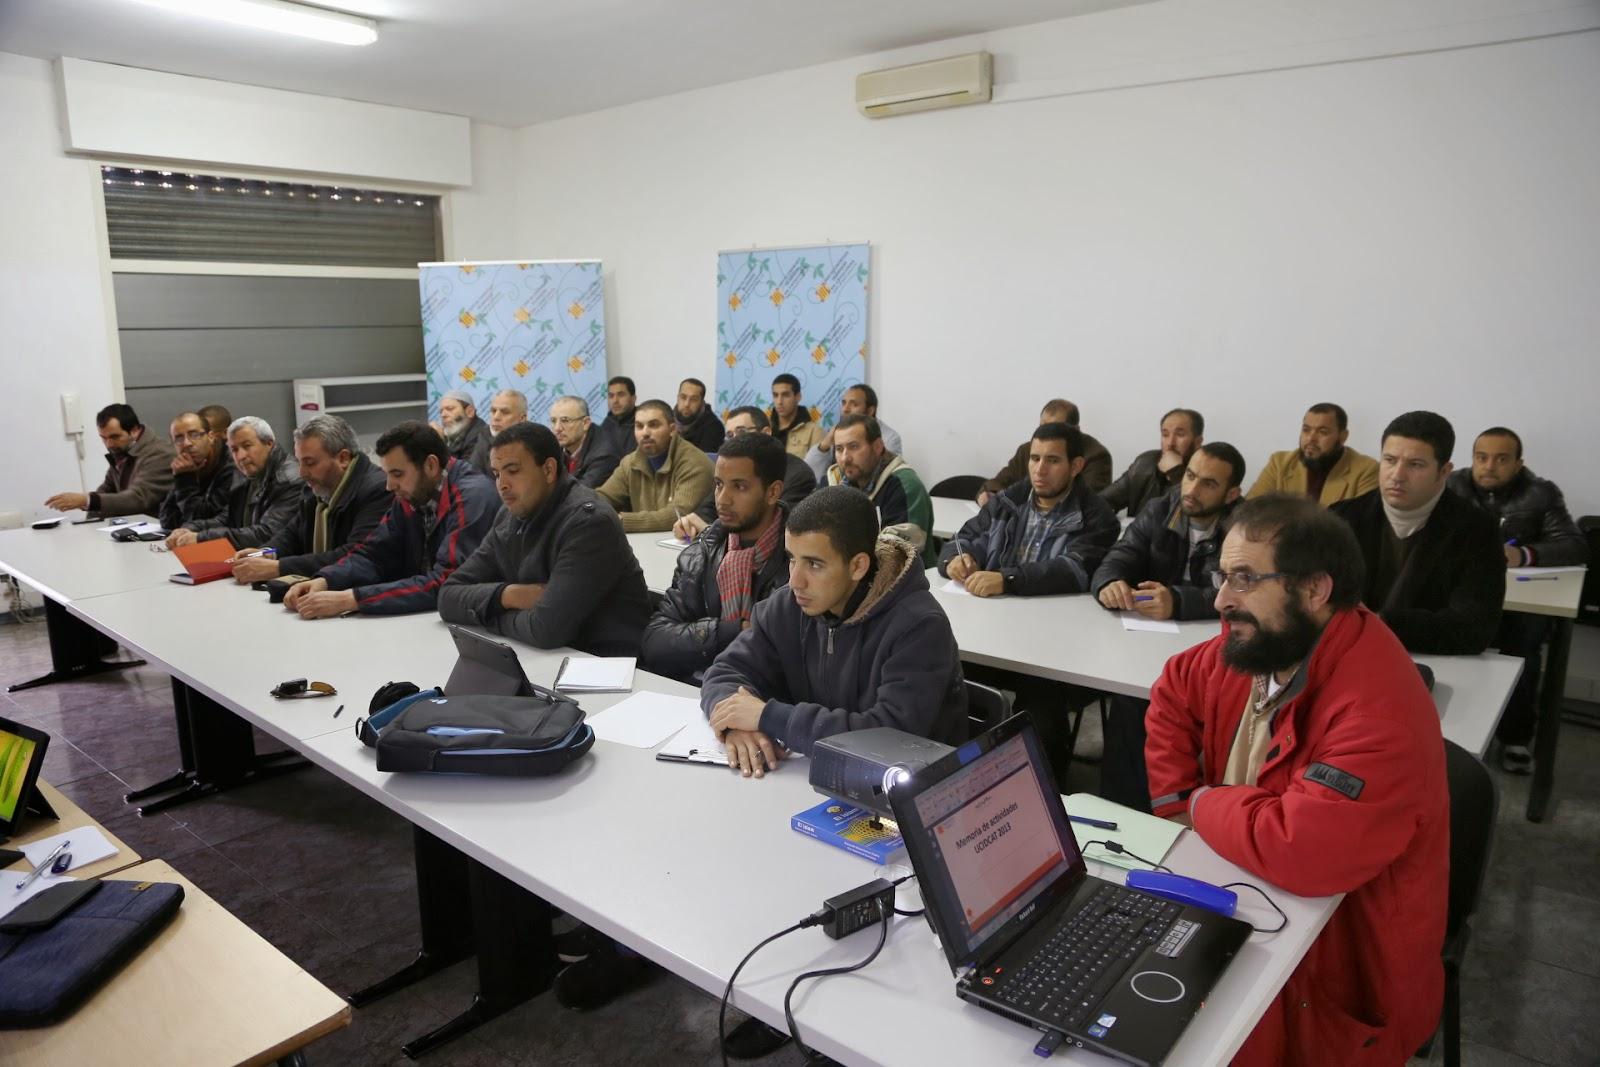 Celebración de la Asamblea General Ordinaria de la Unión de comunidades islámicas de Cataluña